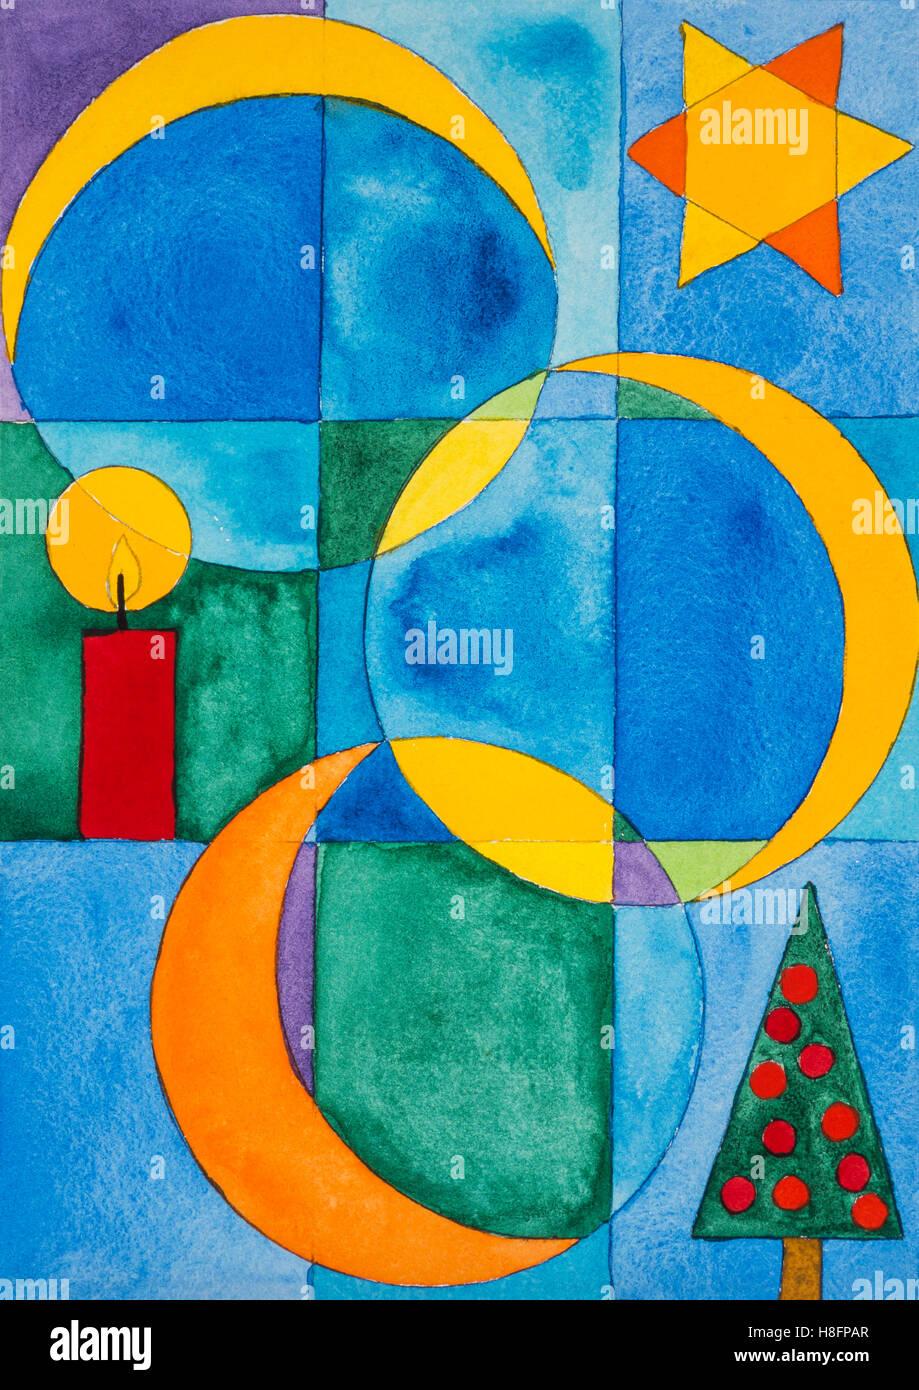 Aquarell von heidrun f ssenh user weihnachten weihnachtsbaum sterne und symbolen kerzen - Aquarell weihnachten ...